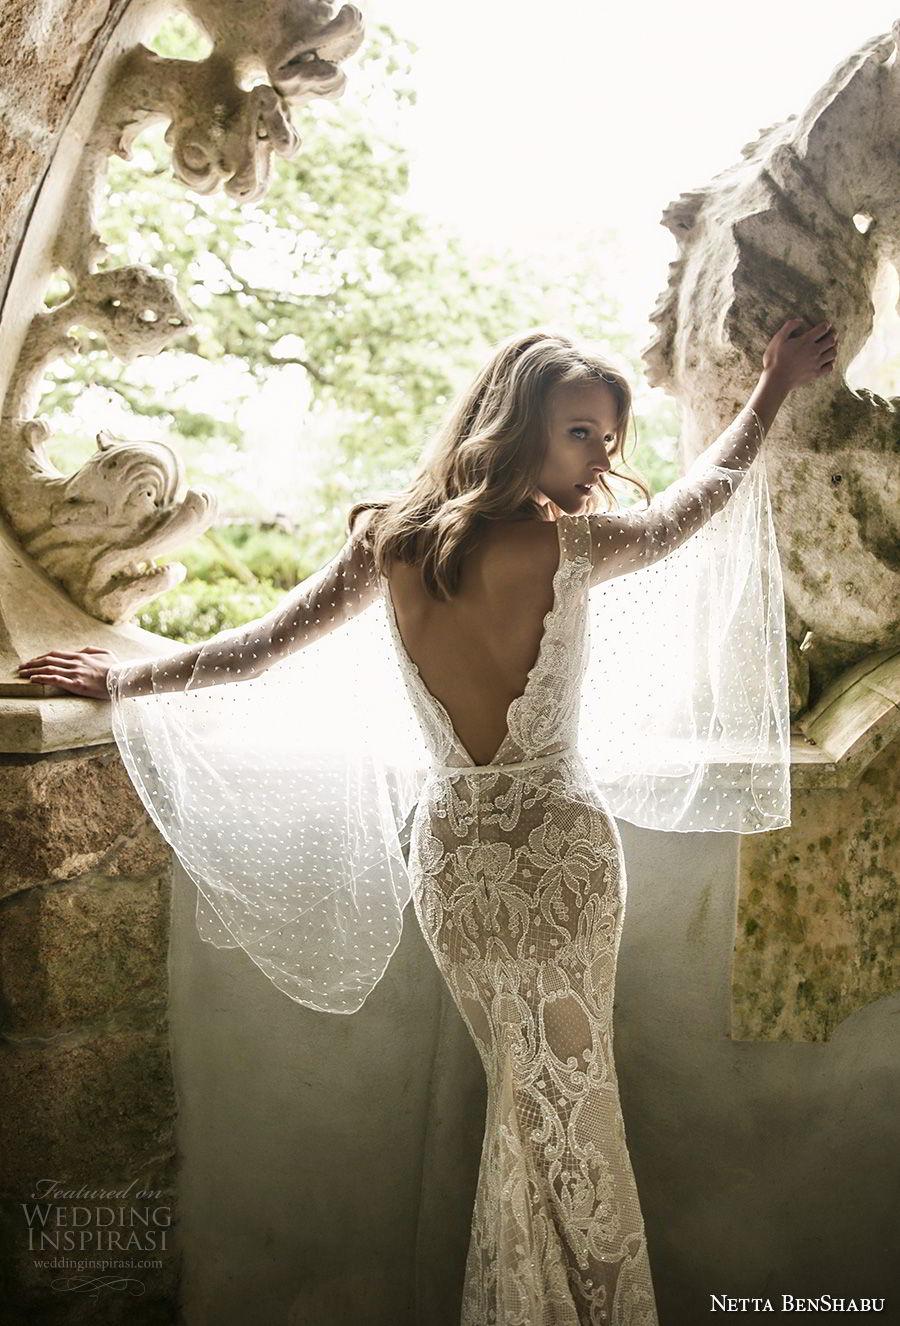 netta benshabu 2017 bridal long angle sleeves neck full embellishment elegant sheath wedding dress open v back sweep train (10) zbv